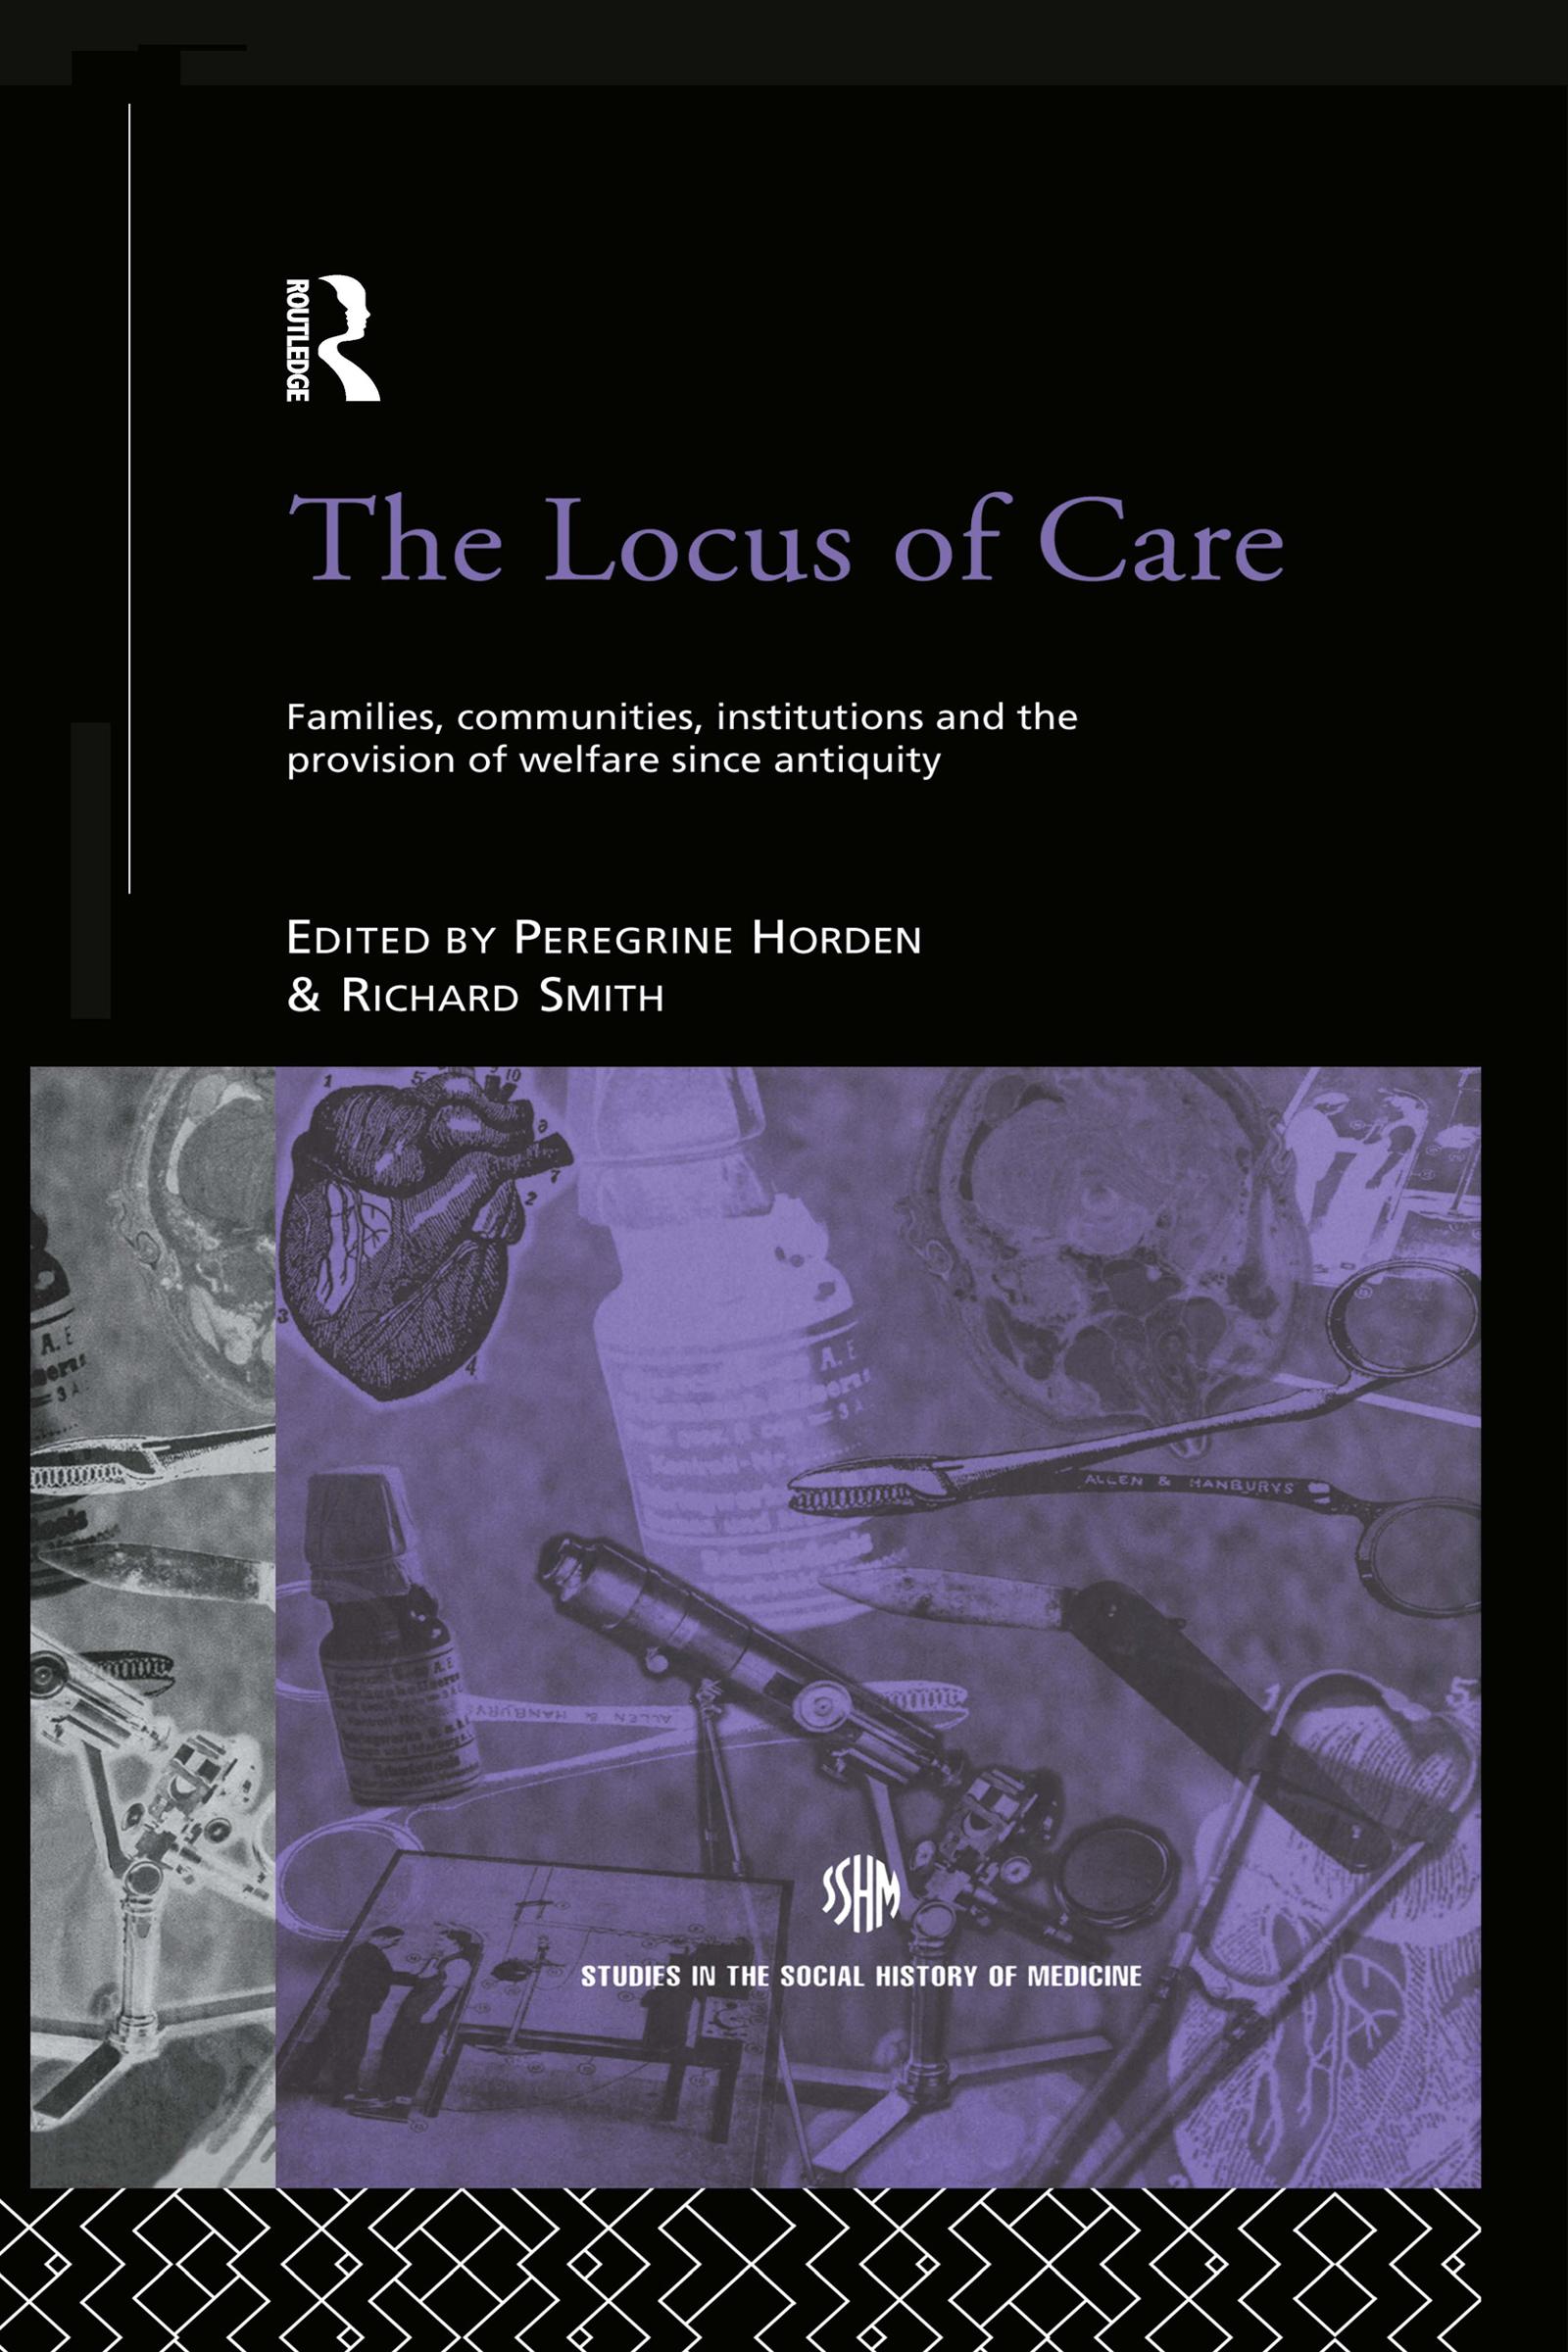 The Locus of Care